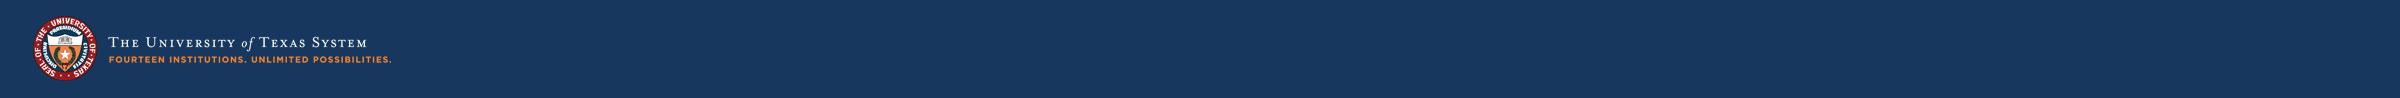 Ut system logo blue background extended 1